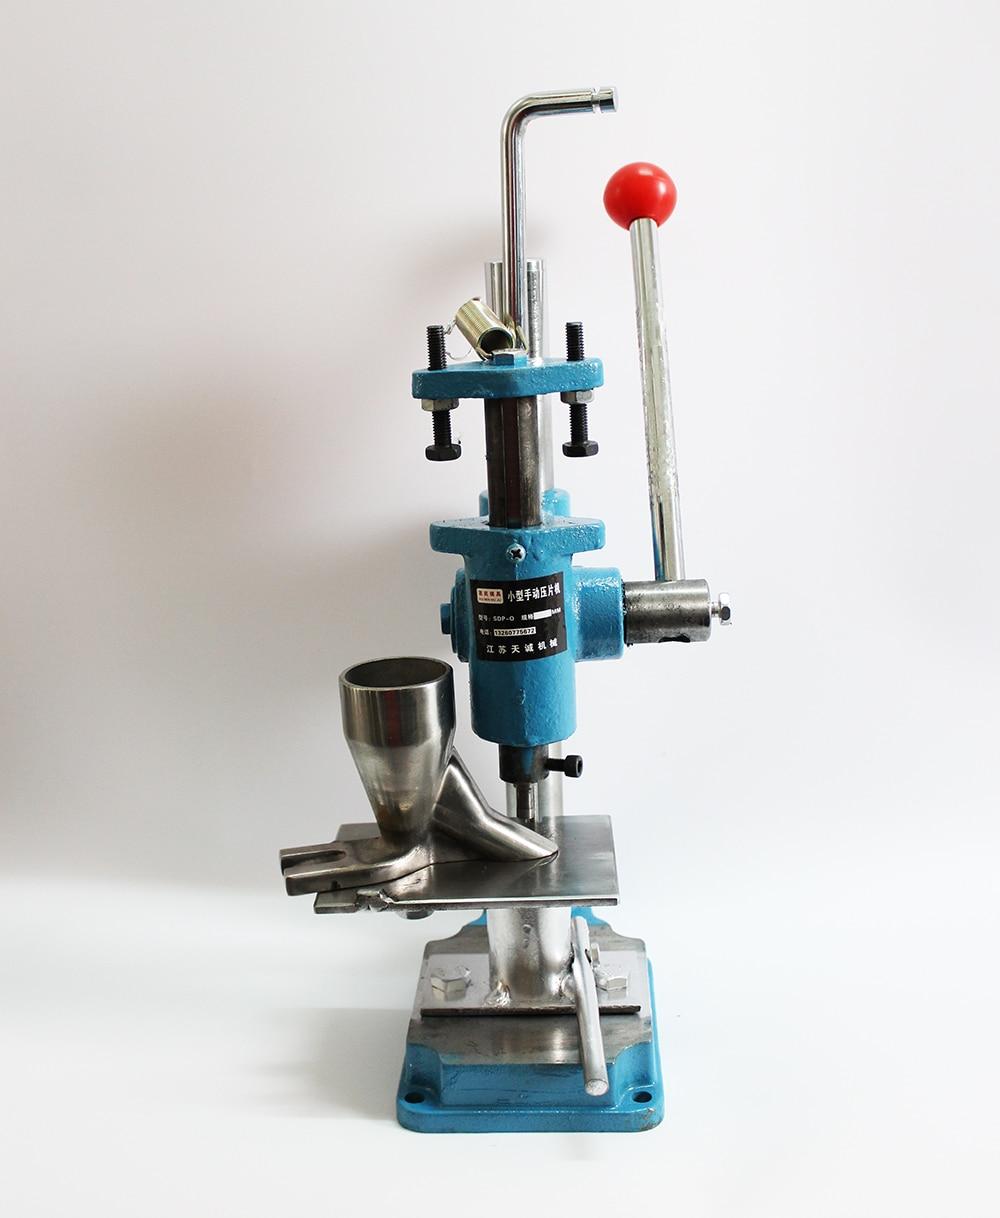 SDP-0 Push-Typ Hand punch tablet presse maschine, pflanzliche pulver tablettiermaschine maschine, pille stanzen maschine 6/8/10mm wählen sie eine